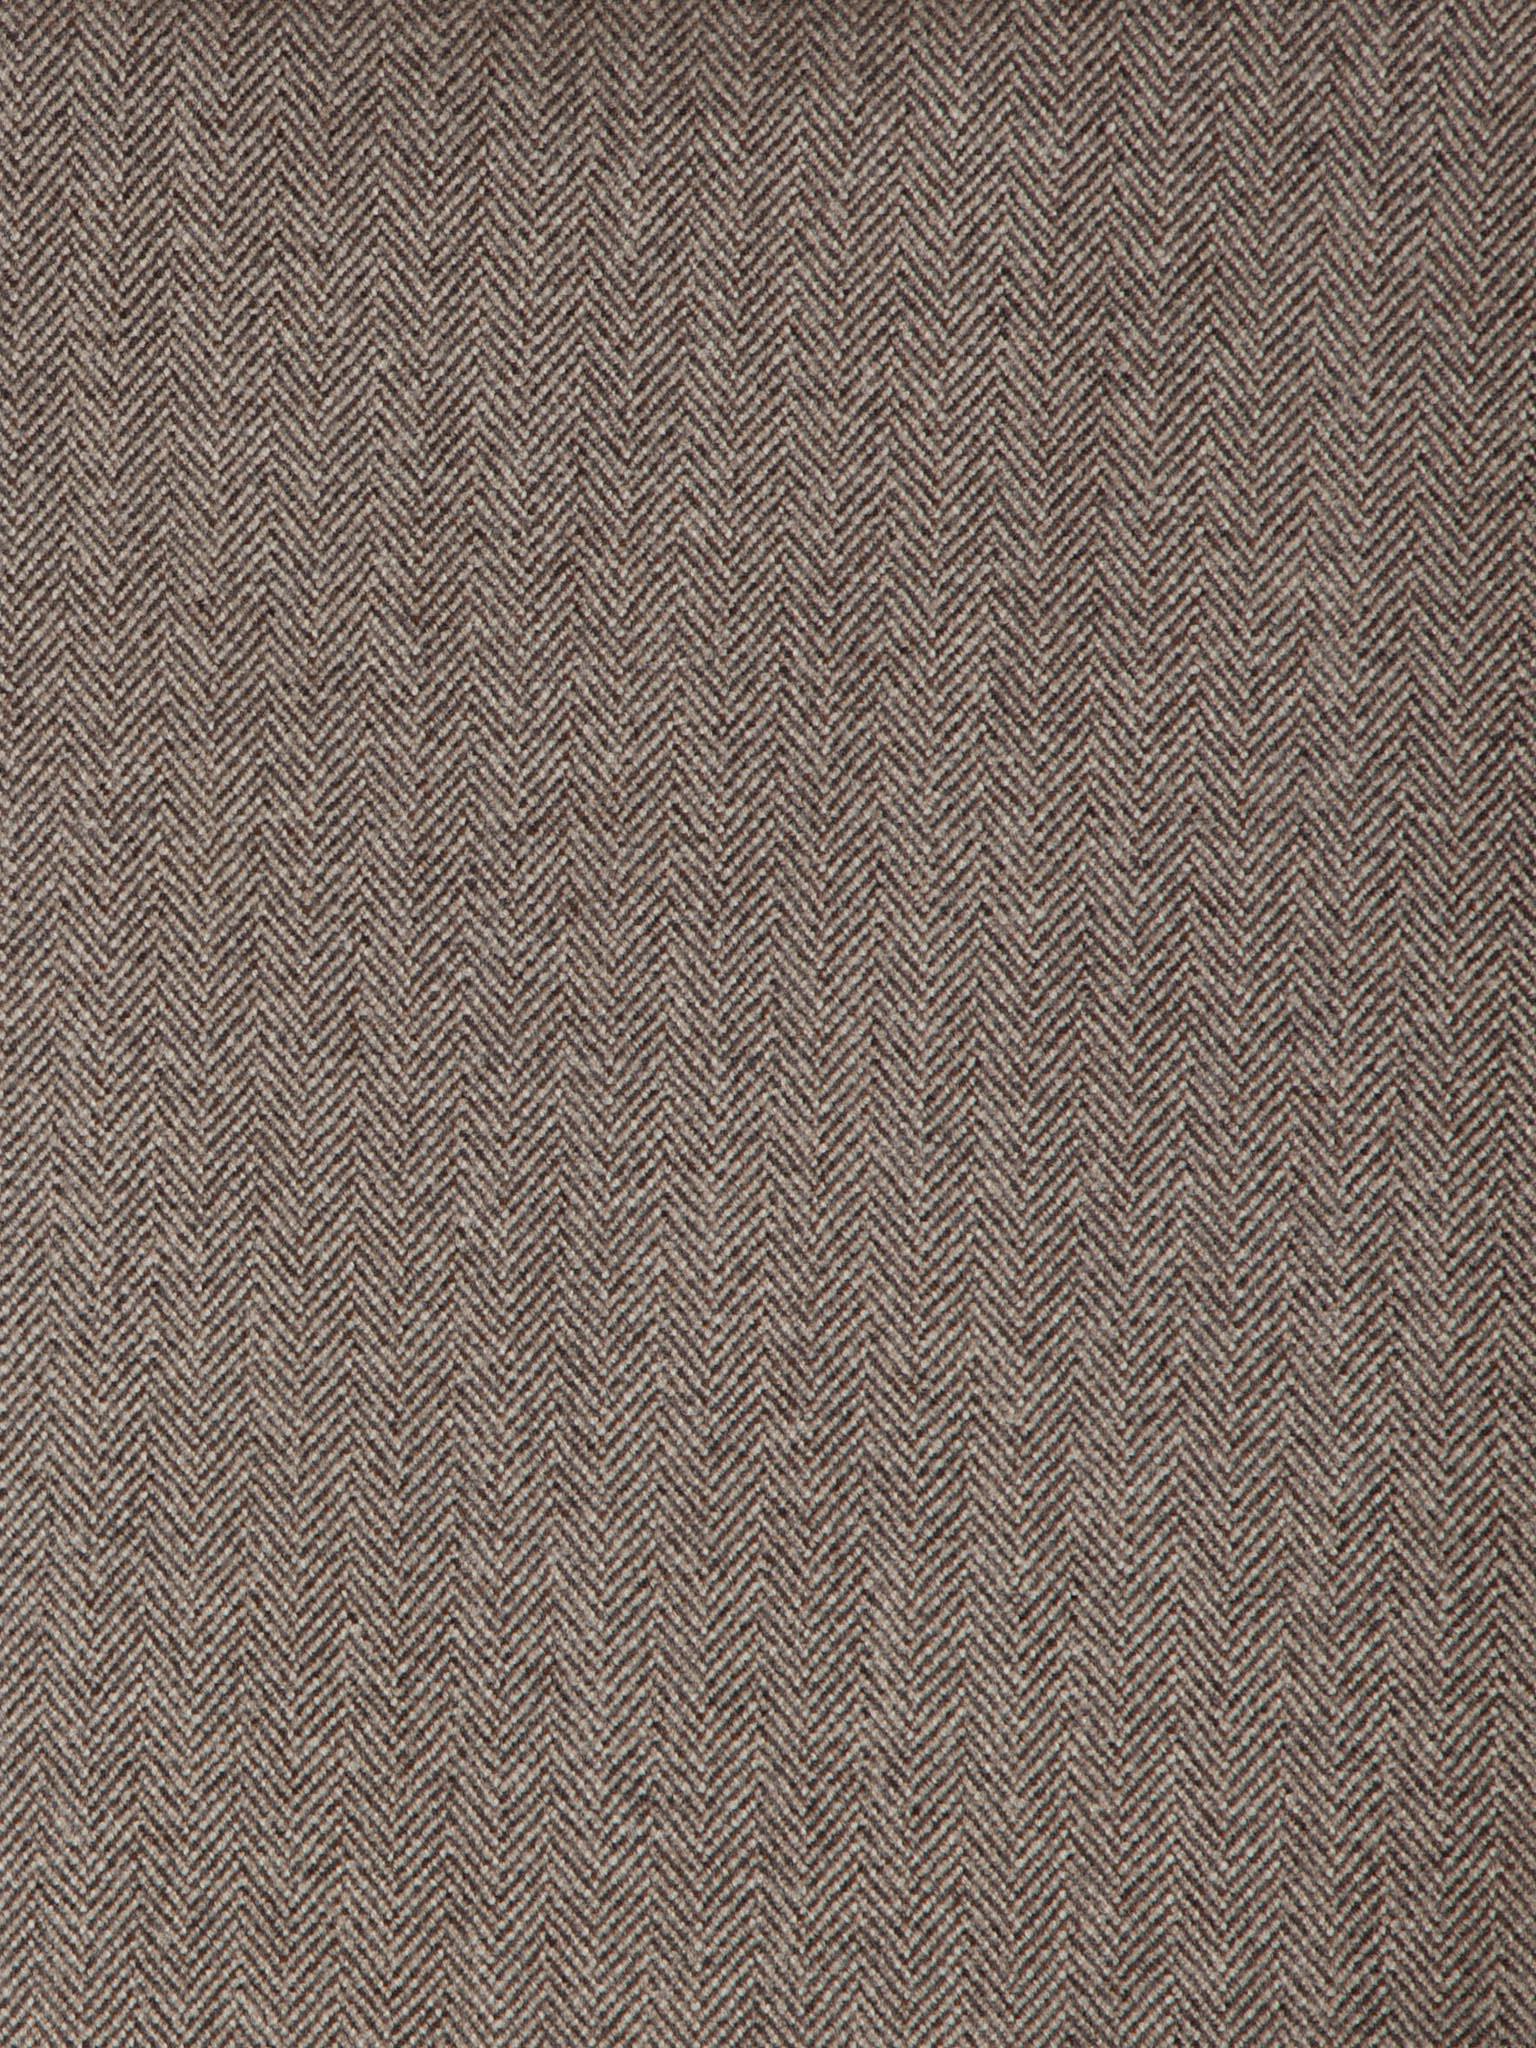 Savile Row Windsor Tweed DE12093